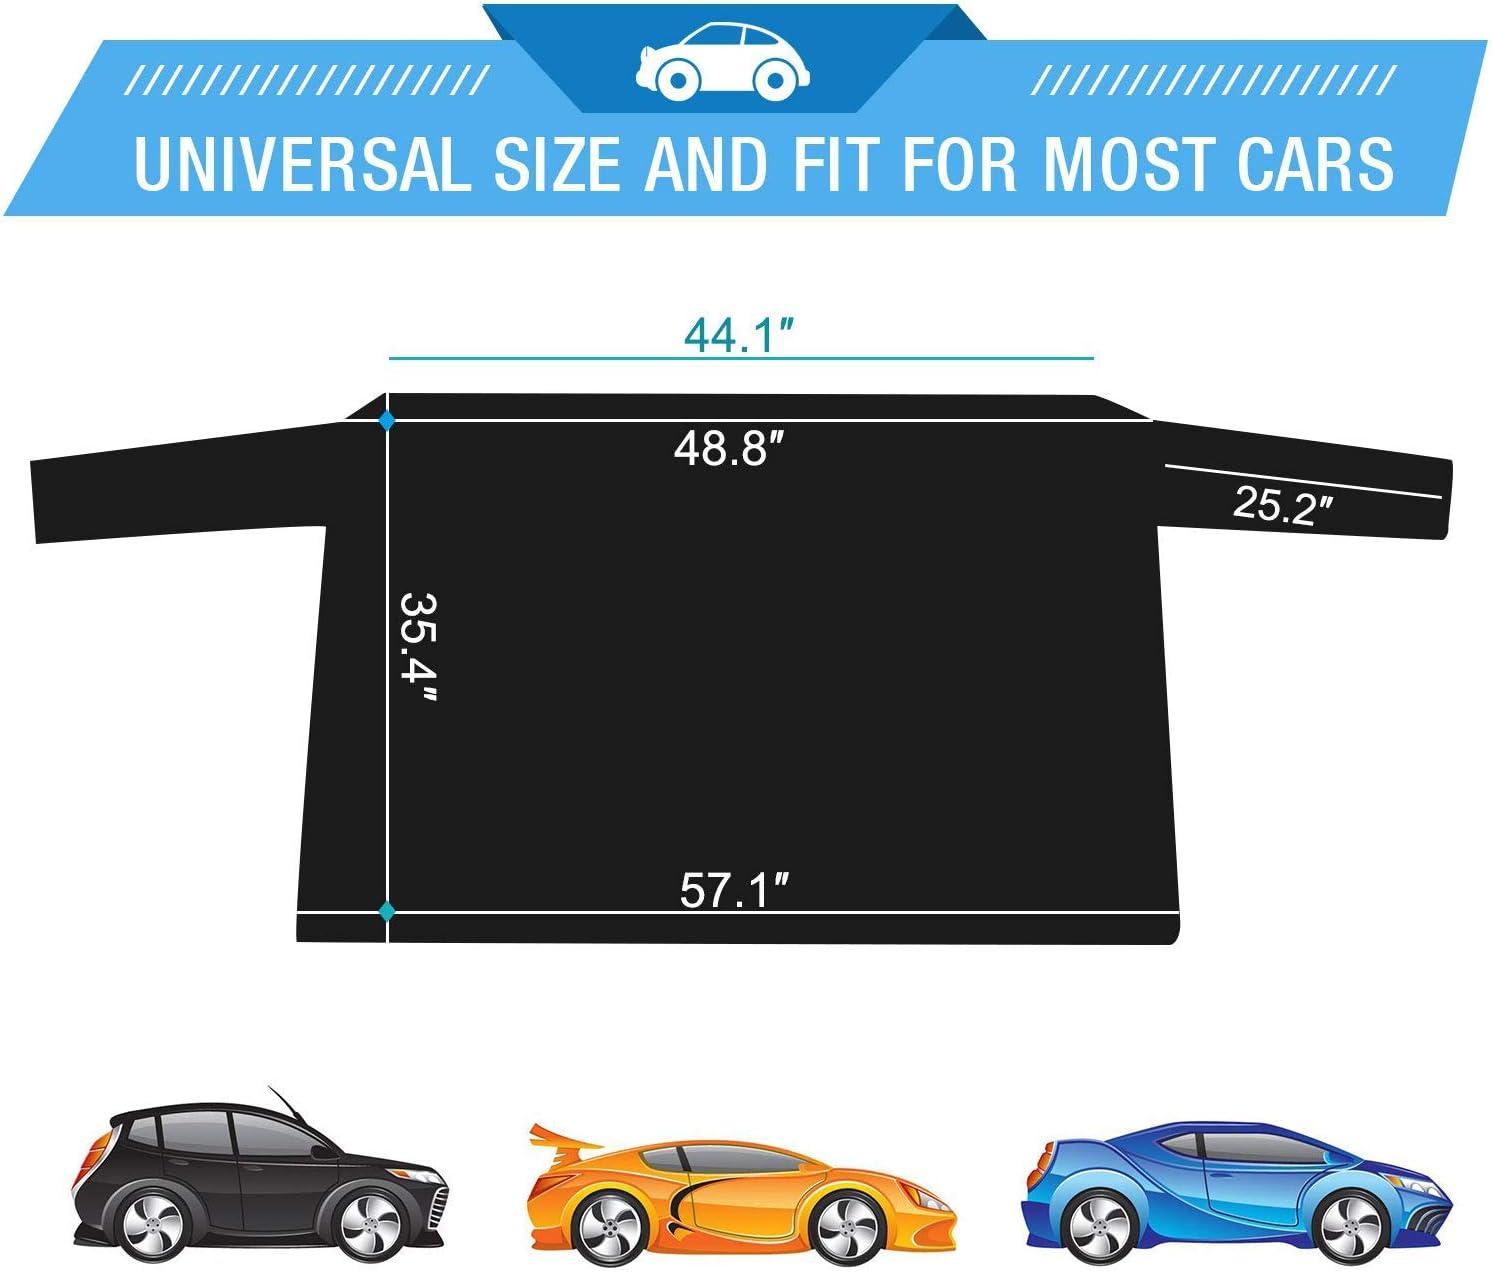 SUVs LKWs passend f/ür die meisten Autos Semoic Auto-Heckscheibenabdeckung mit Klappen und 4 Magneten Sonnenschutz f/ür die Au/ßenseite